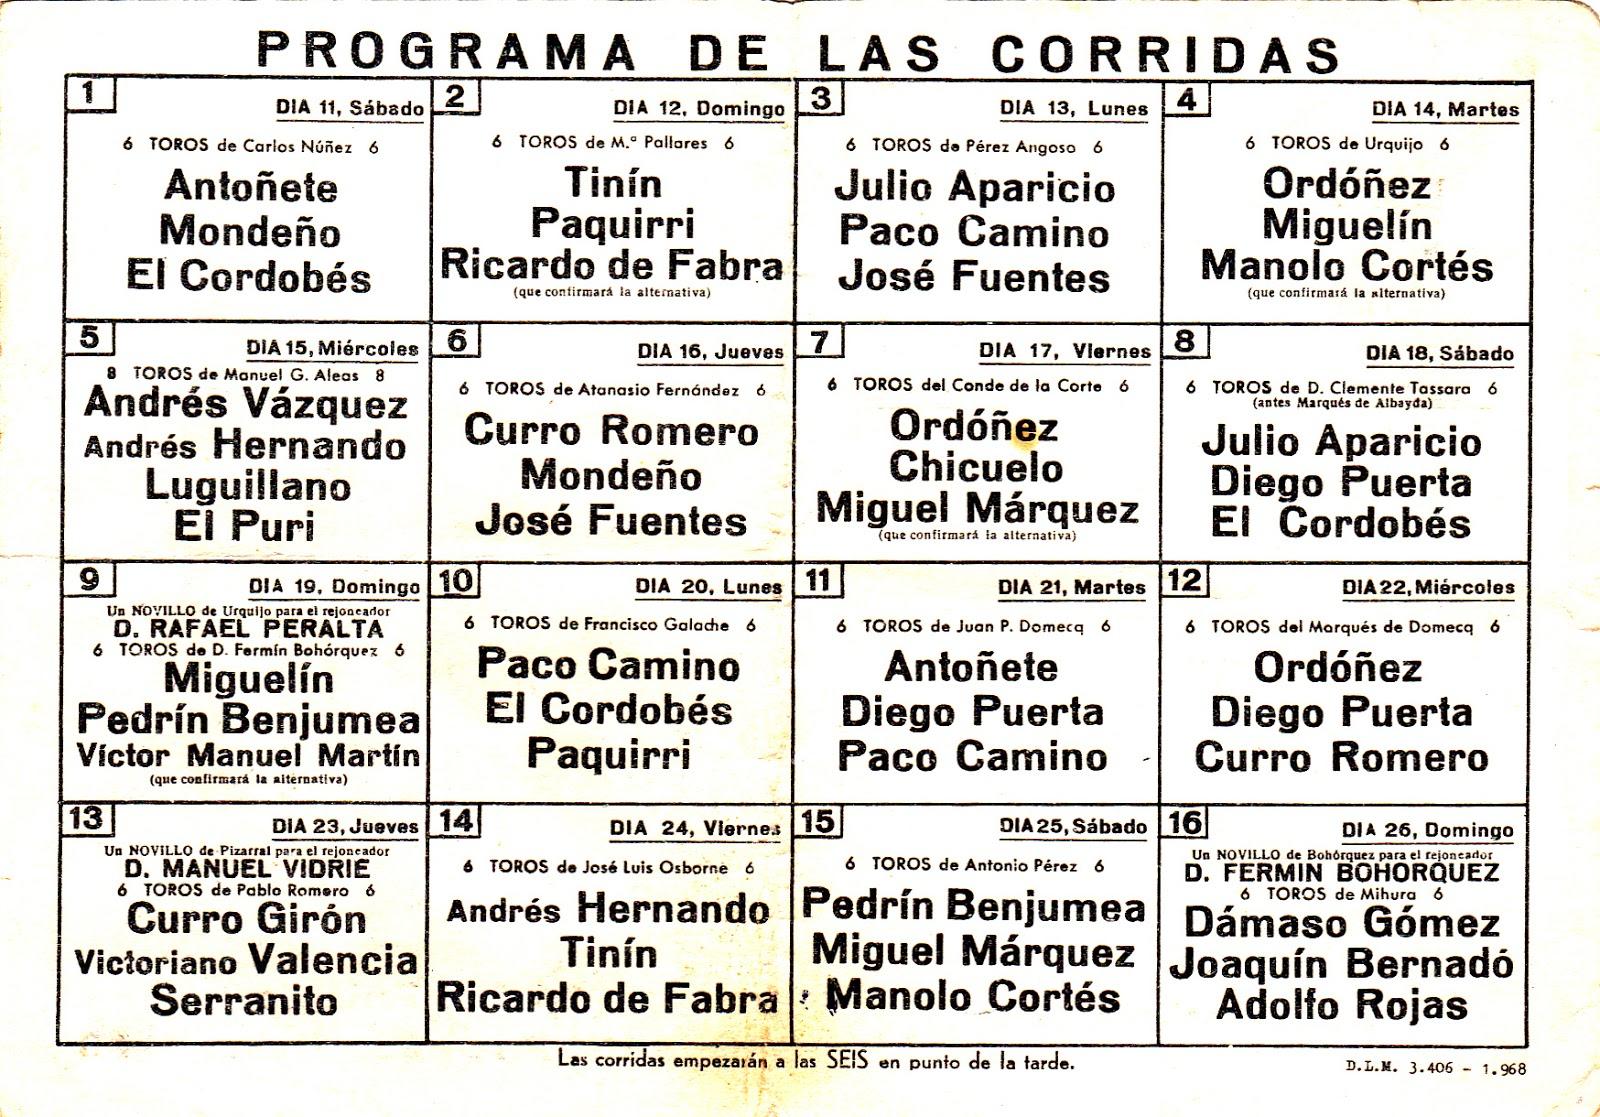 Feria de San Isidro de 1968 bilaketarekin bat datozen irudiak